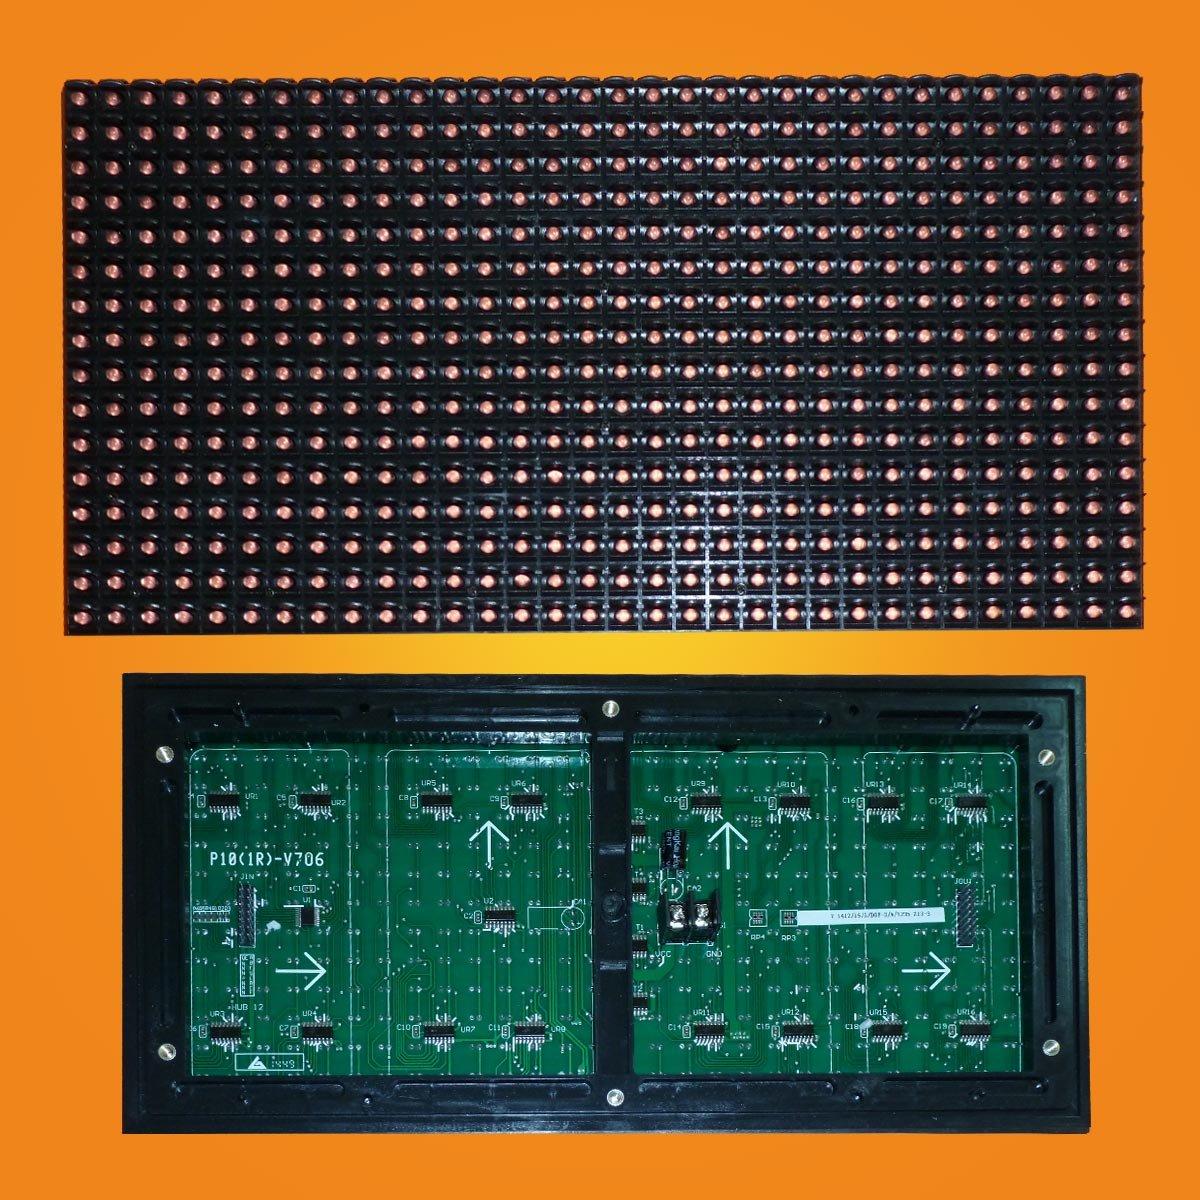 Led модуль красный P10 32*16 RED для наружного применения (outdoor).